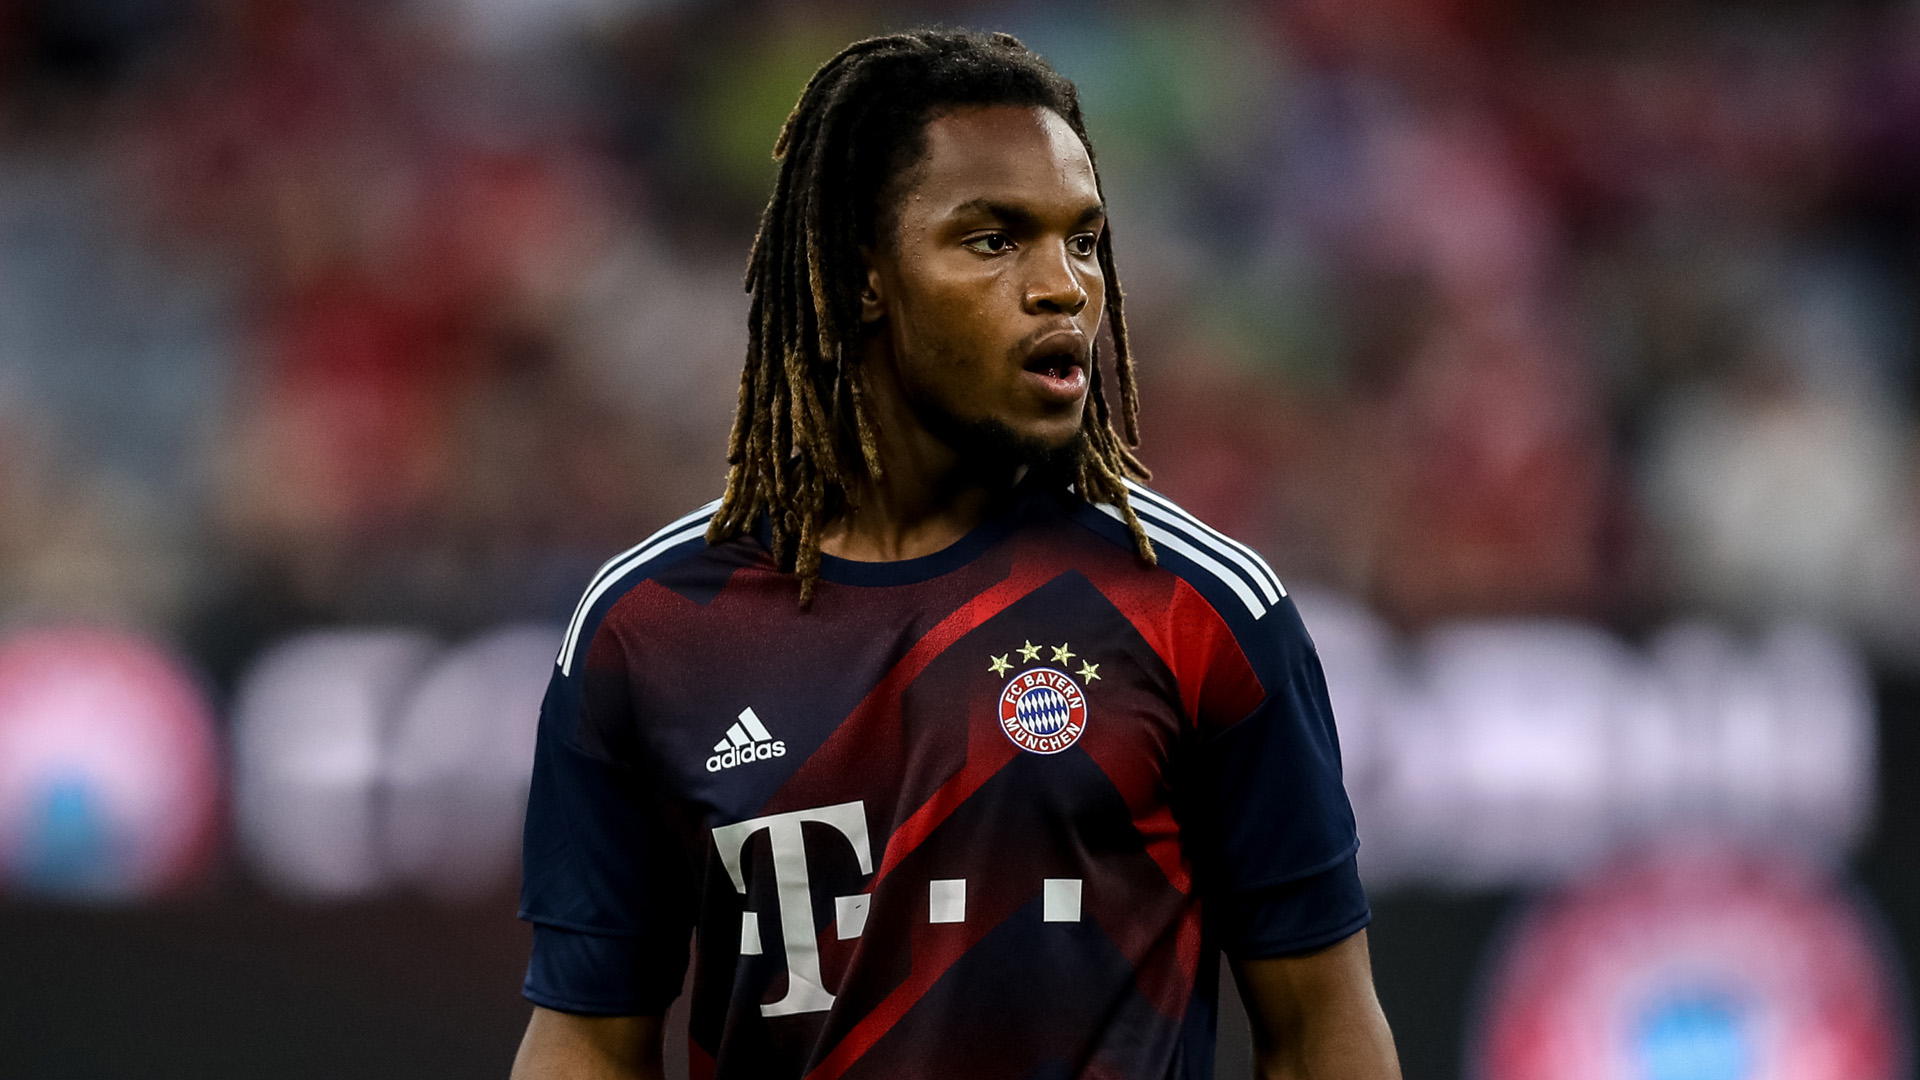 Transfergerücht: Swansea City will Bayern Münchens Renato Sanches ausleihen